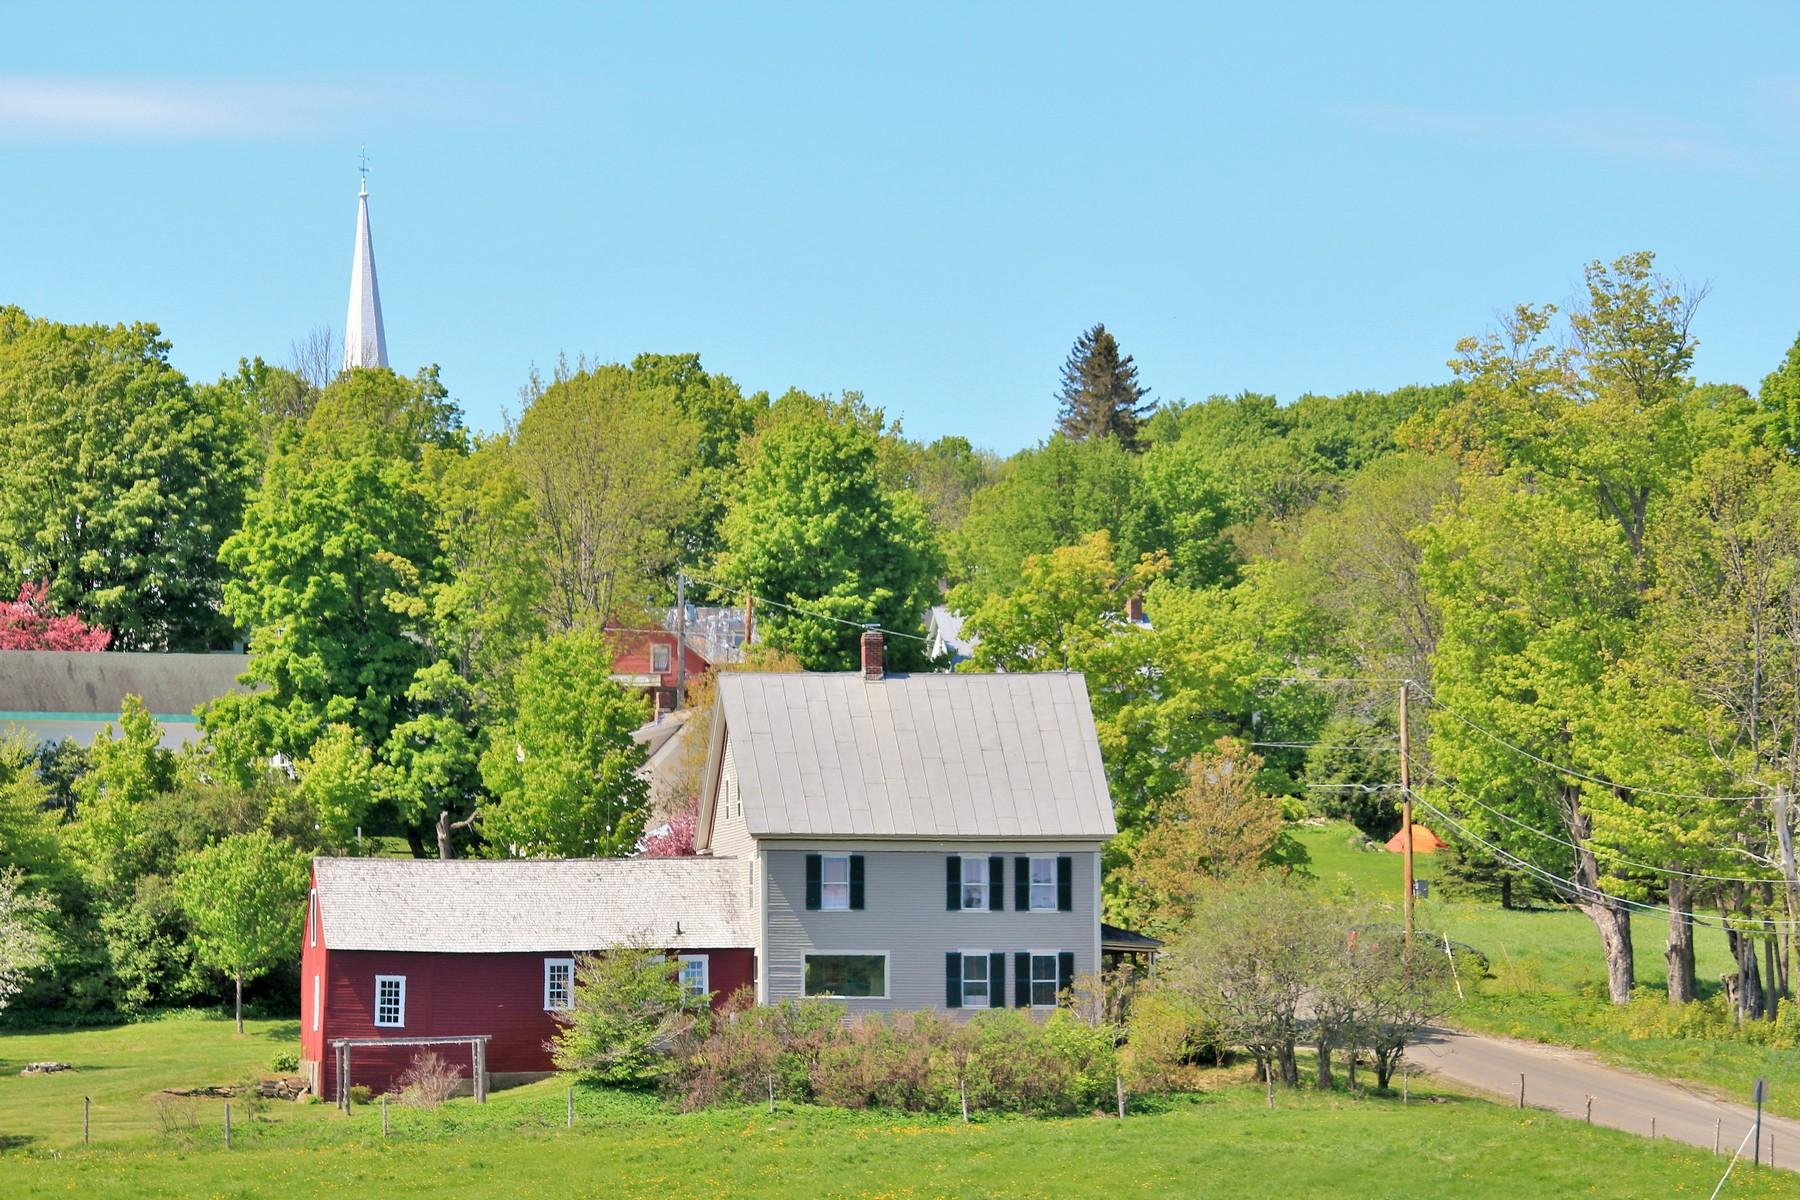 단독 가정 주택 용 매매 에 Peacham Village Pastures 102 Old Cemetery Rd Peacham, 베르몬트, 05862 미국